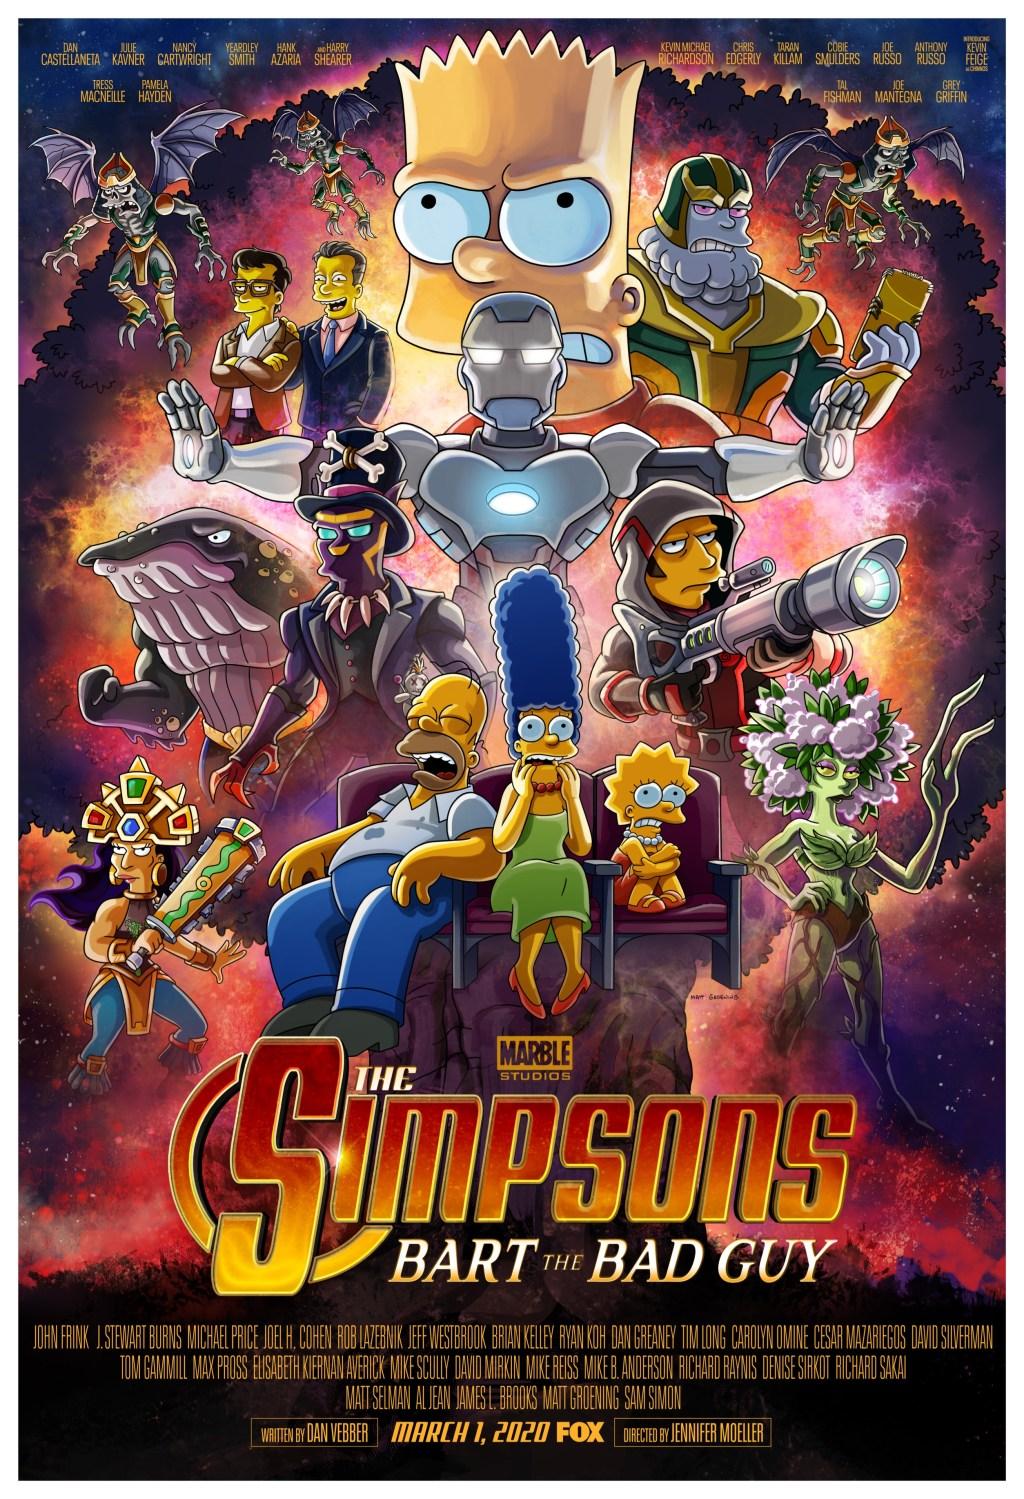 Póster del nuevo episodio de Los Simpsons